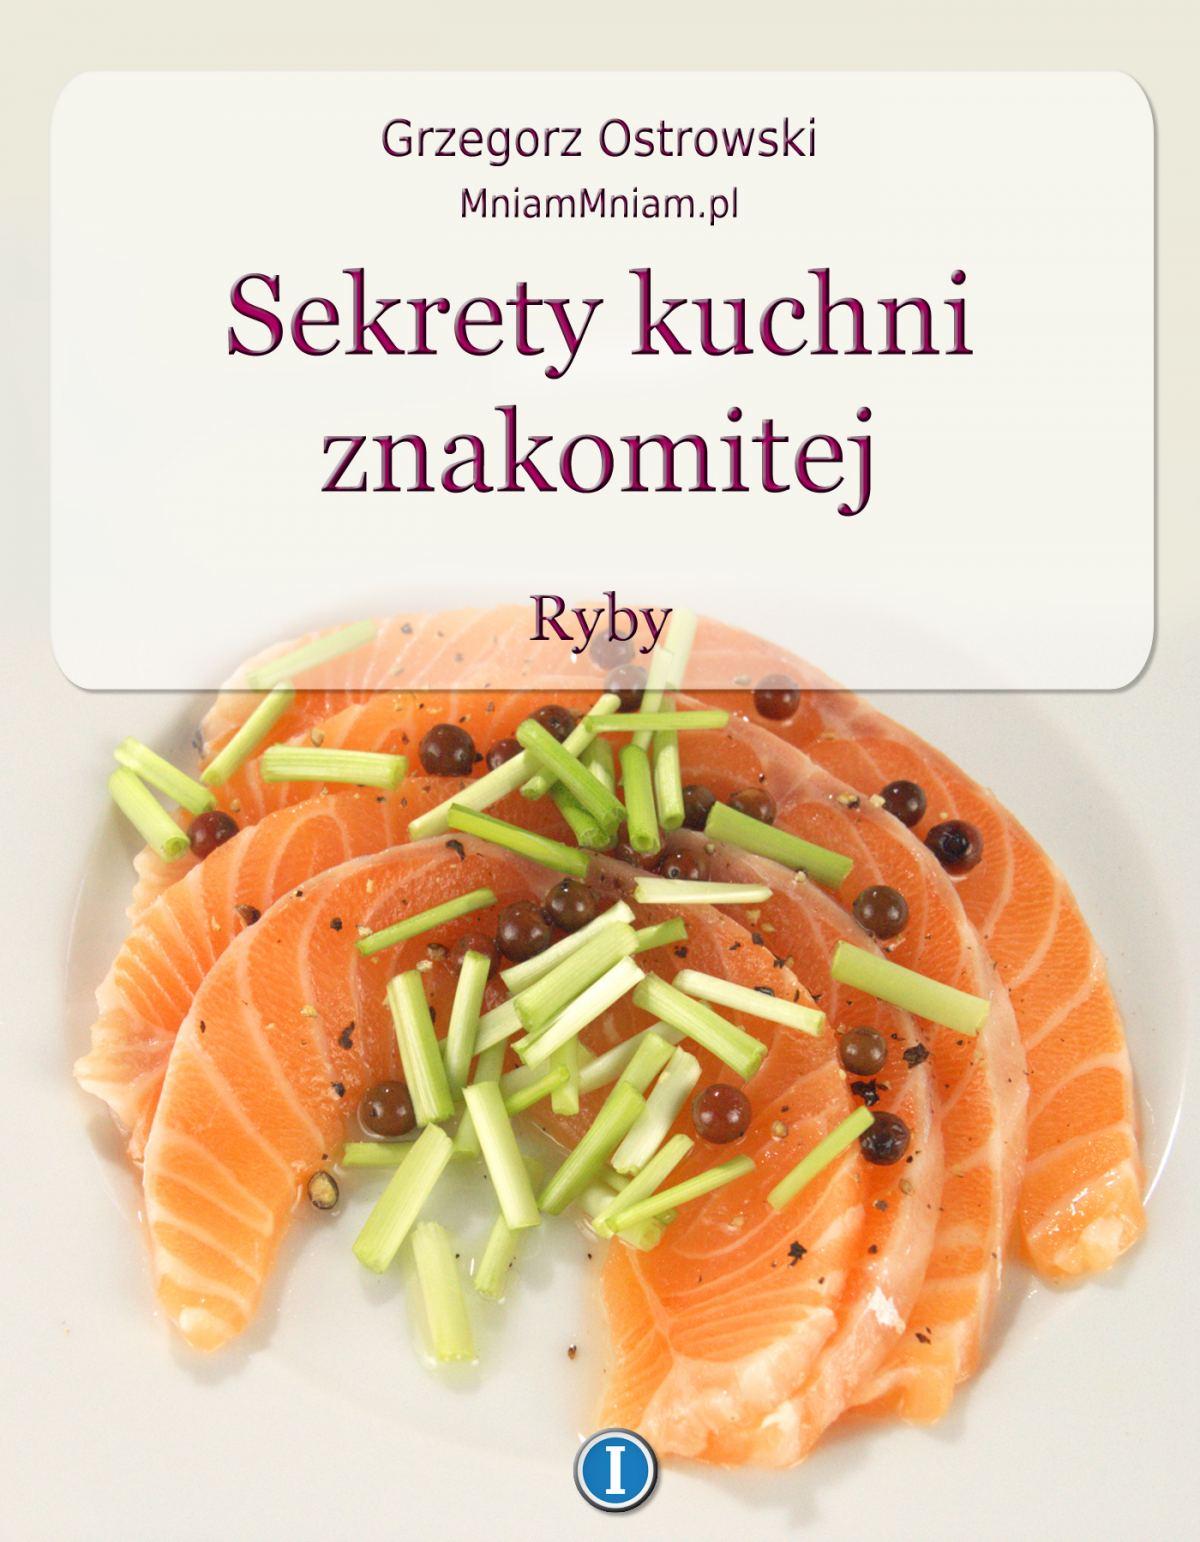 Sekrety kuchni znakomitej. Ryby - Ebook (Książka EPUB) do pobrania w formacie EPUB